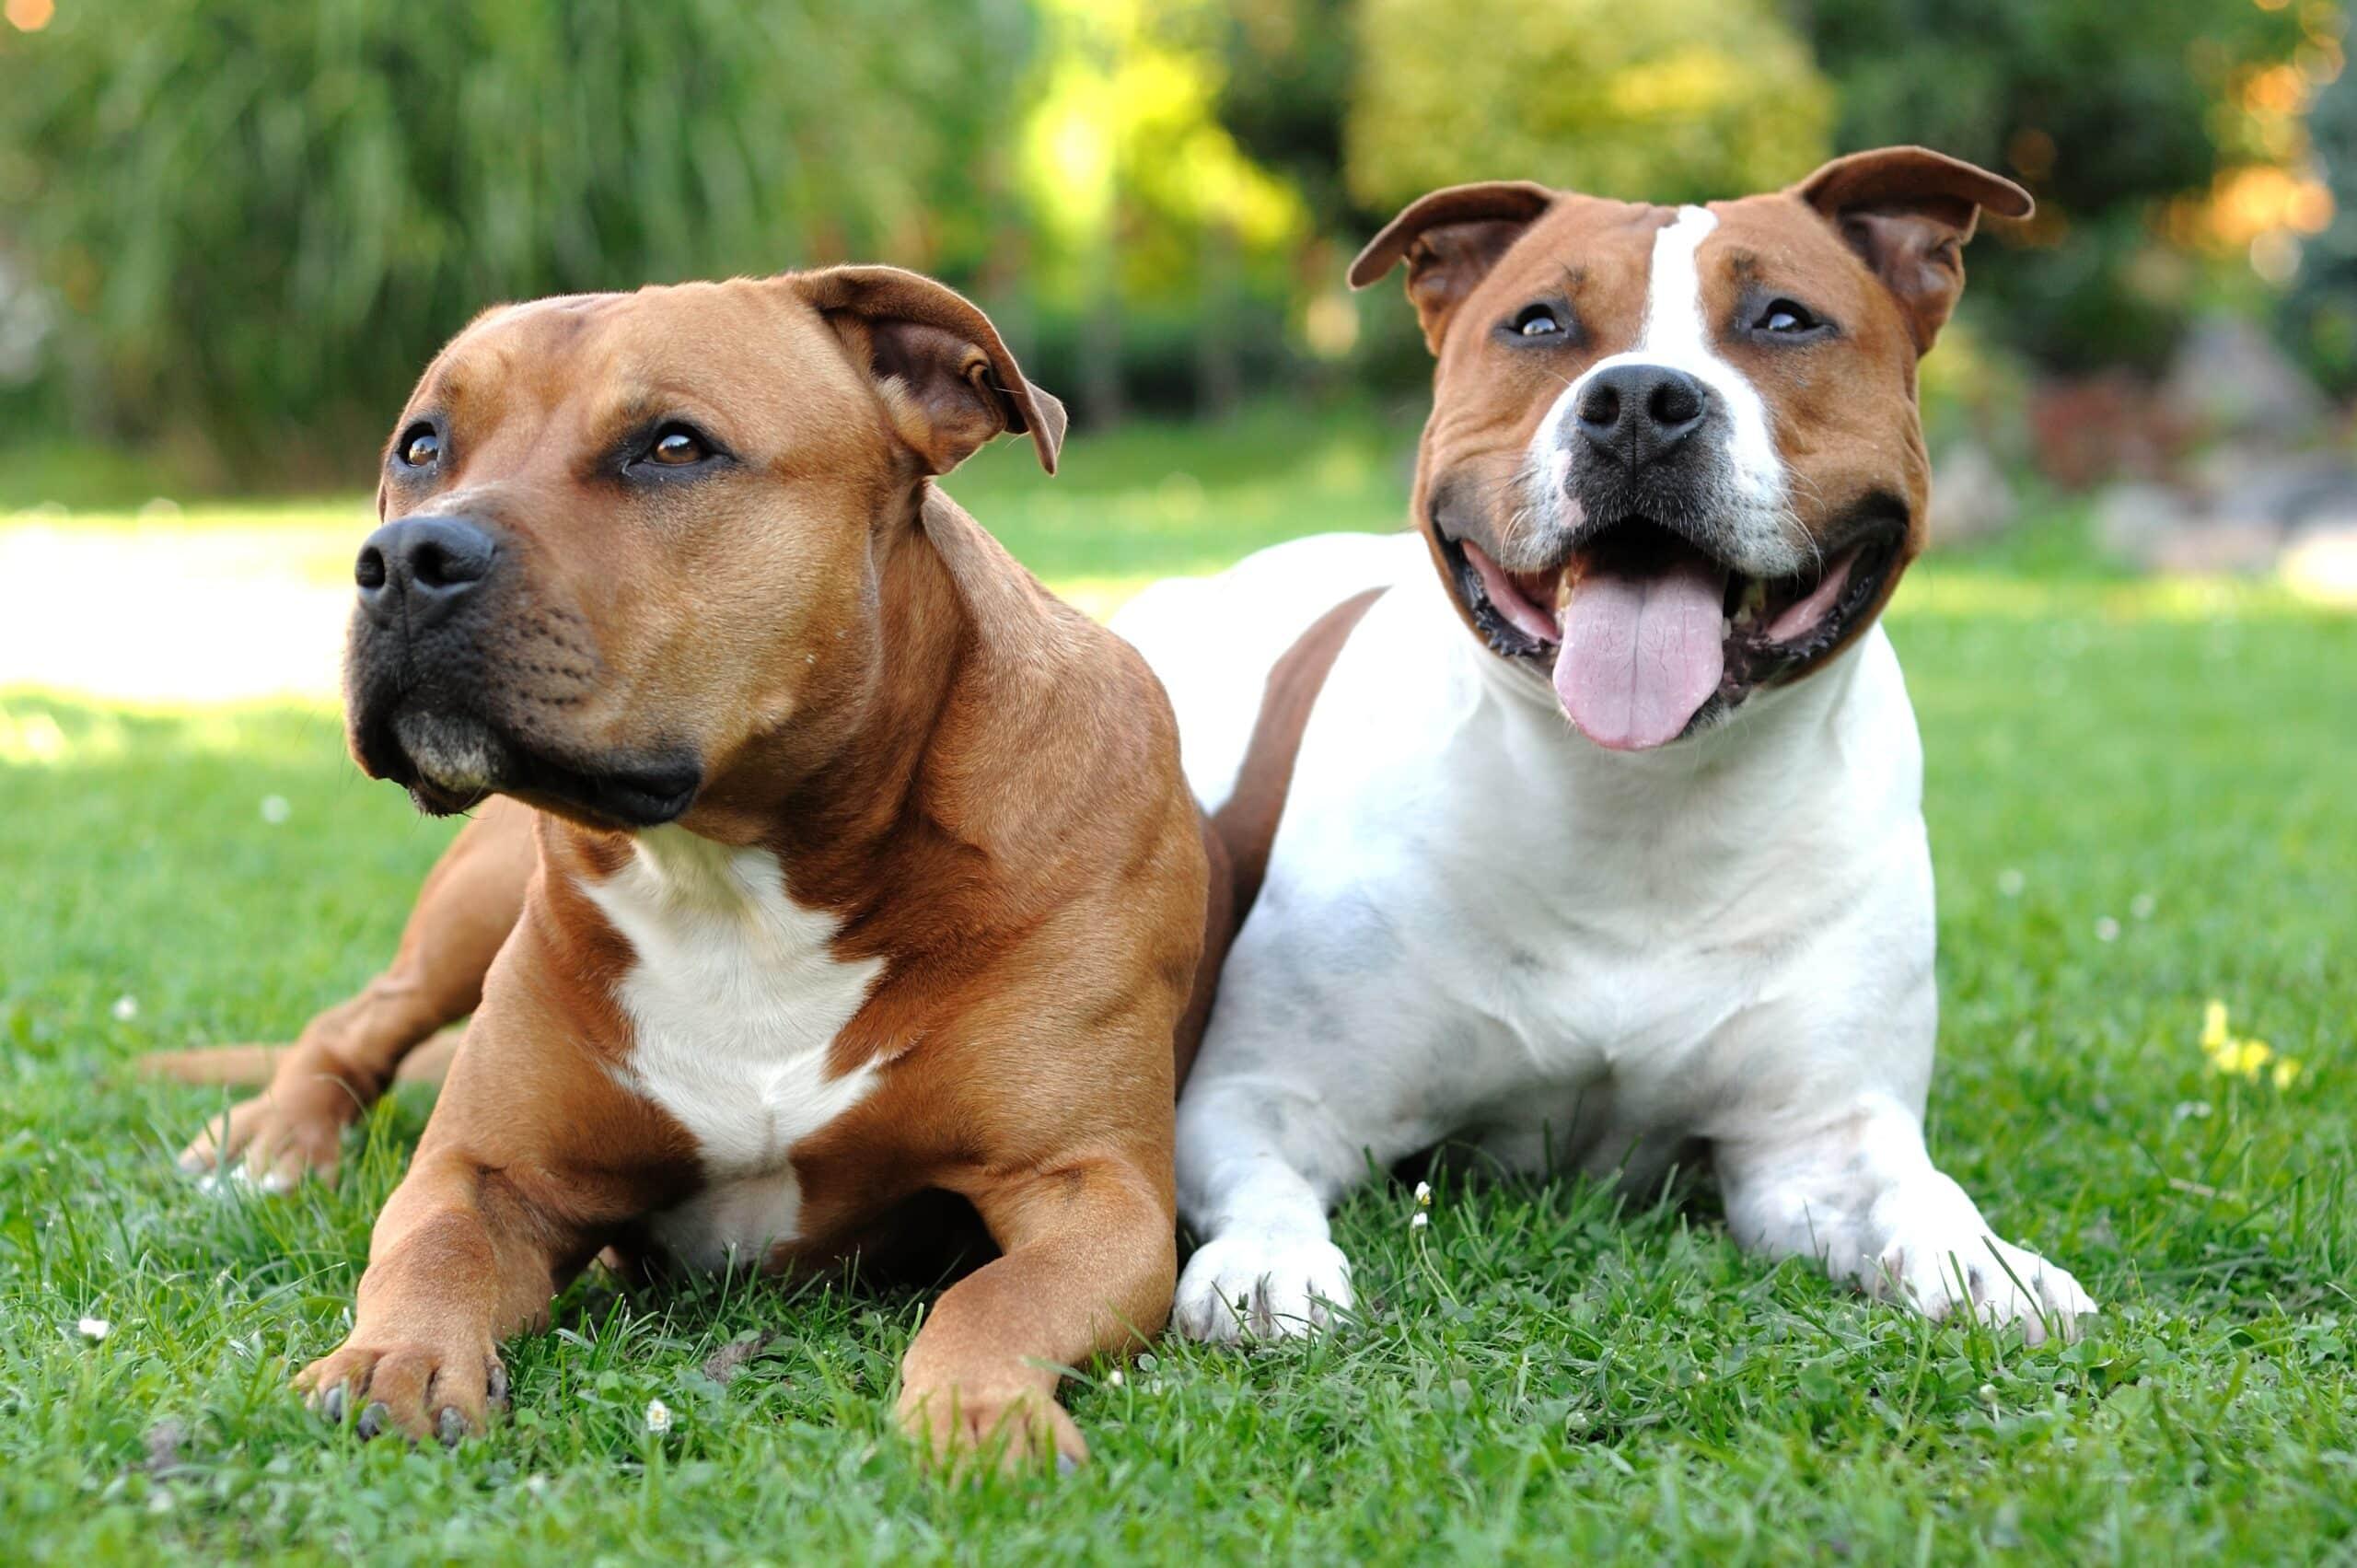 Zwei American Staffordshire Terrier liegen